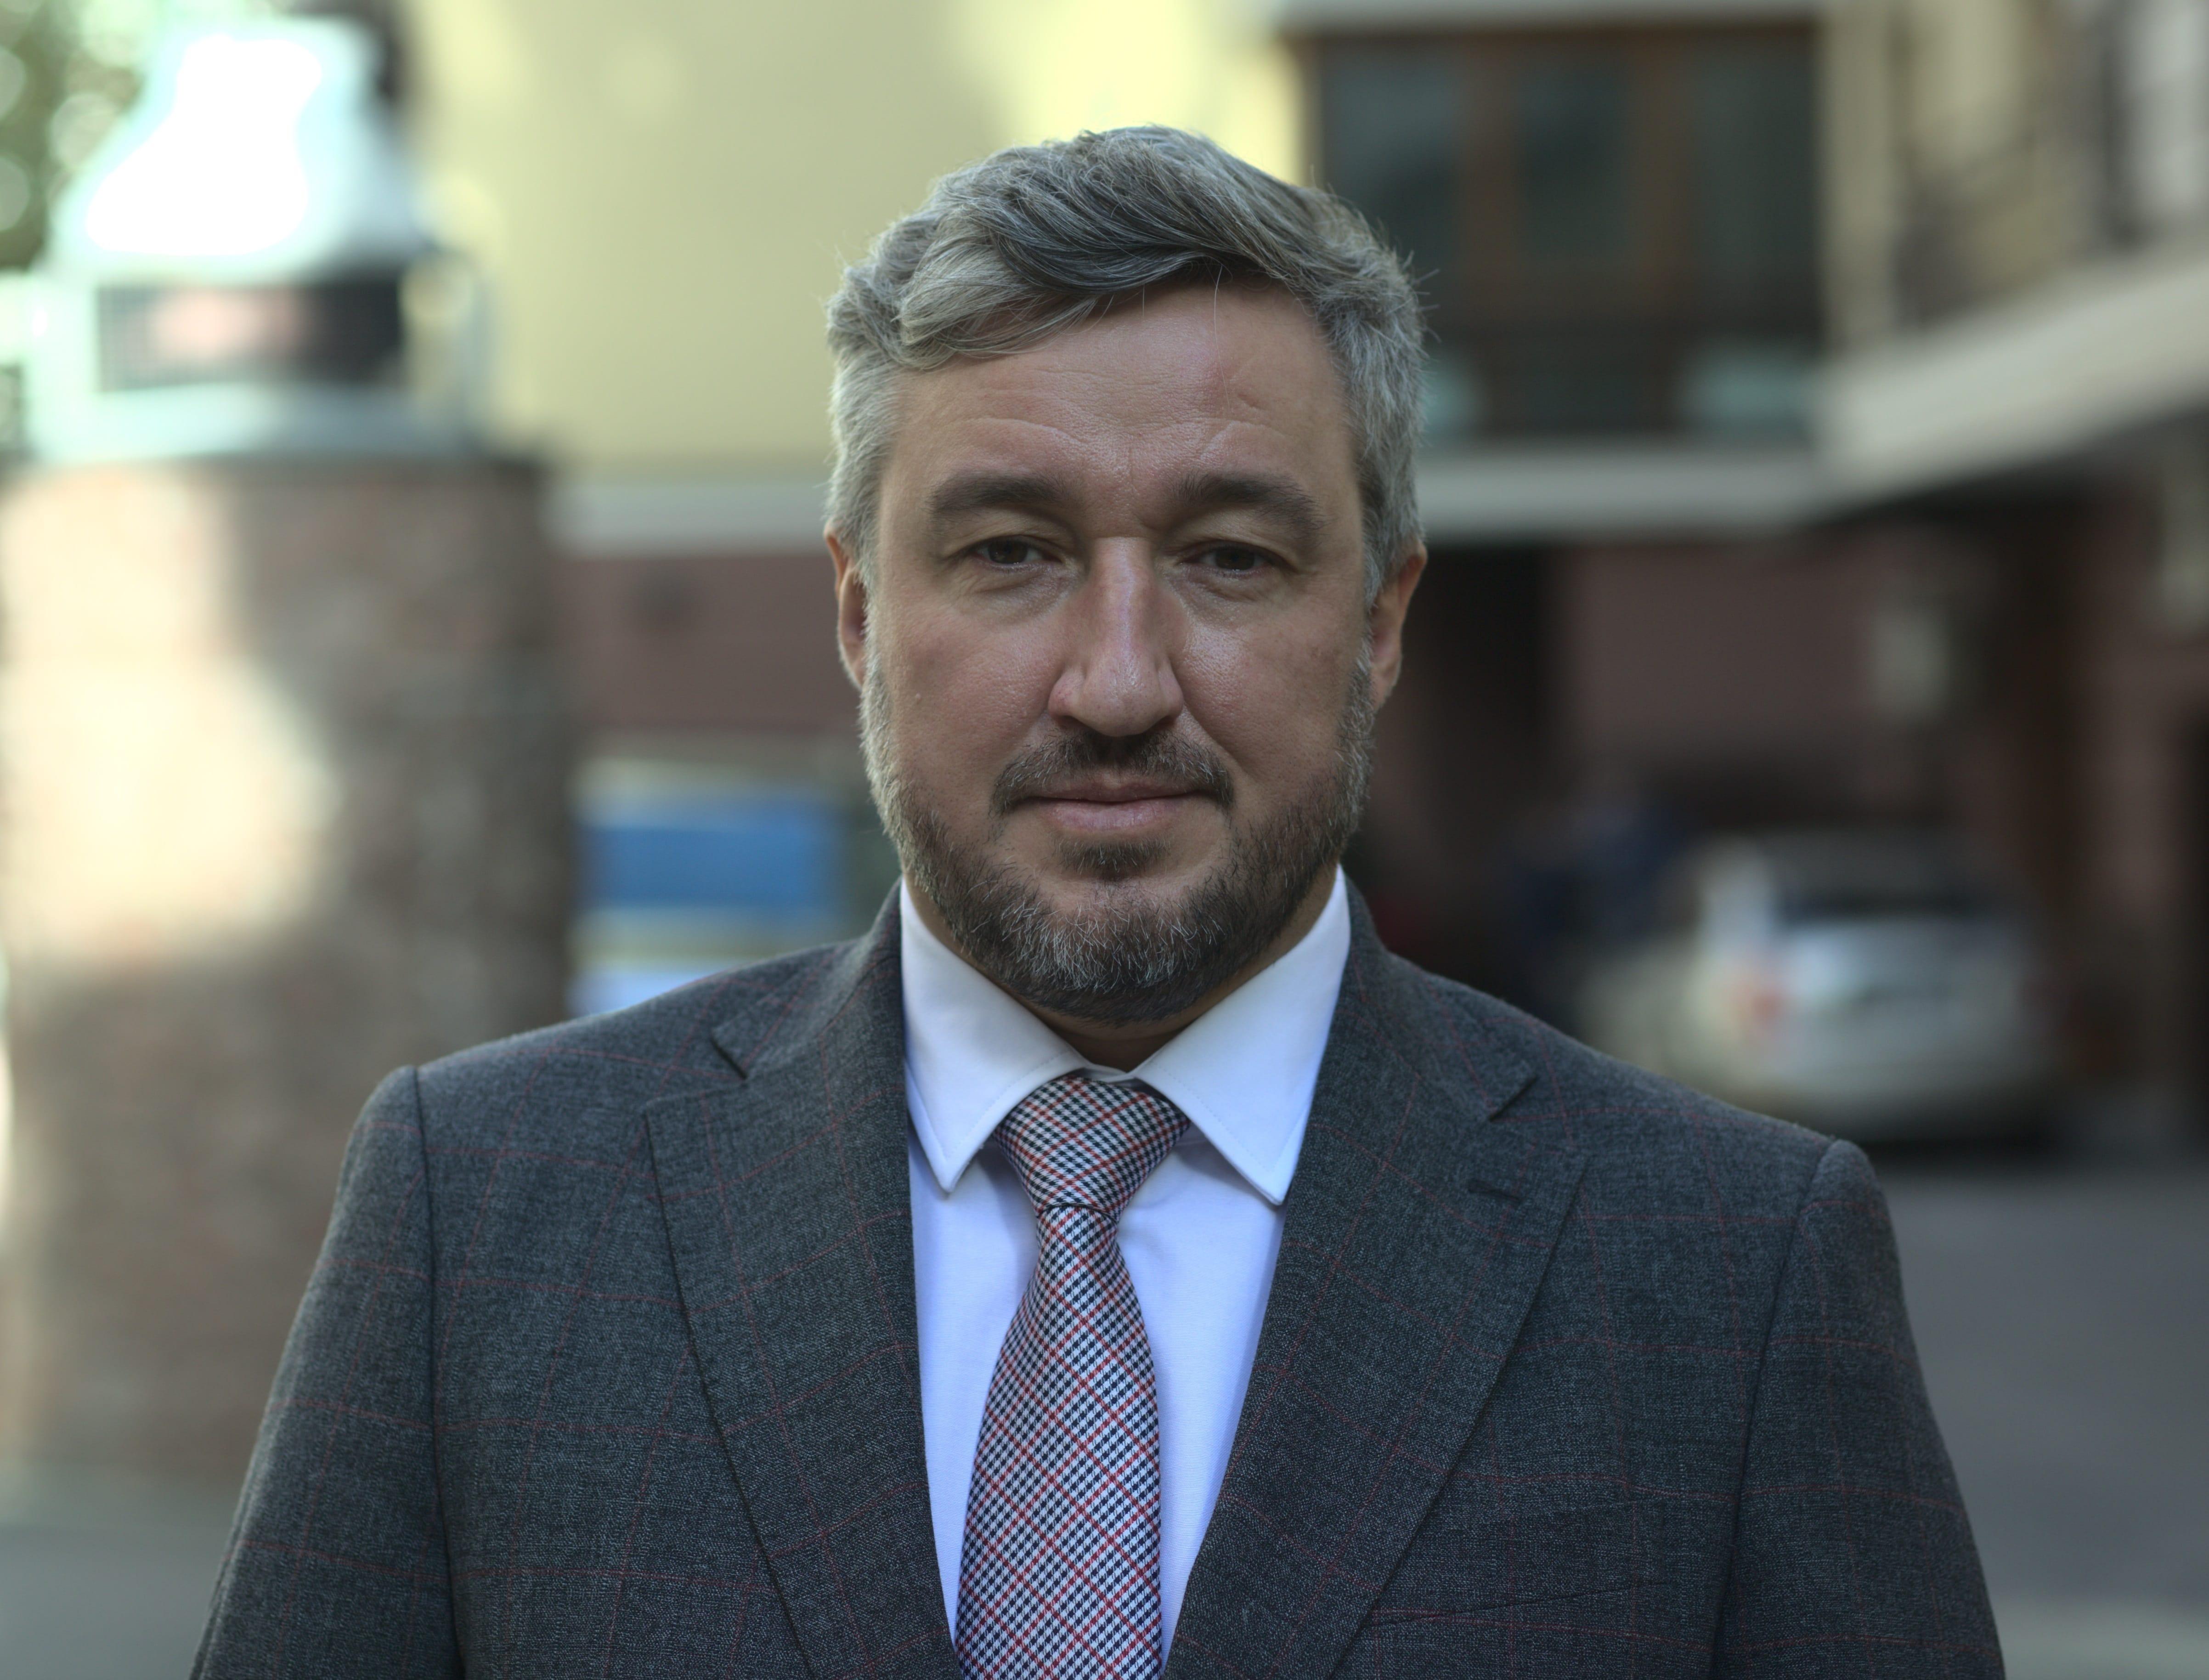 Игорь Чумаченко: Убыточные шахты надо просто закрывать, другого выхода нет